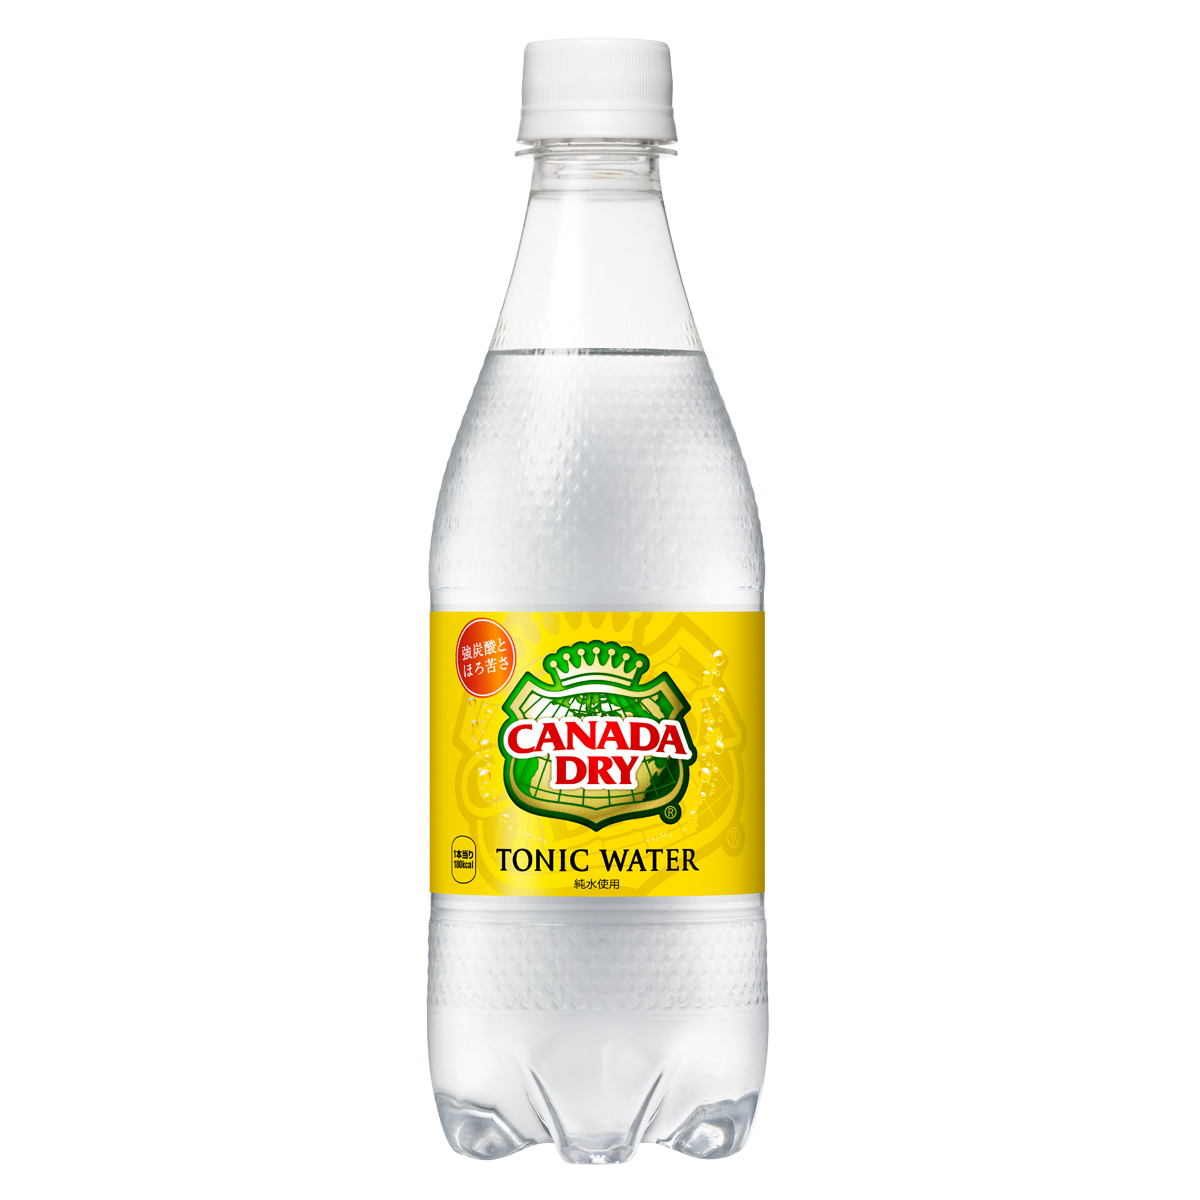 【2ケースセット】コカ・コーラ カナダドライ トニックウォーター 500mL PET 飲料 飲み物 ソフトドリンク ペットボトル 24本×2ケース 買い回り 買い周り 買いまわり ポイント消化